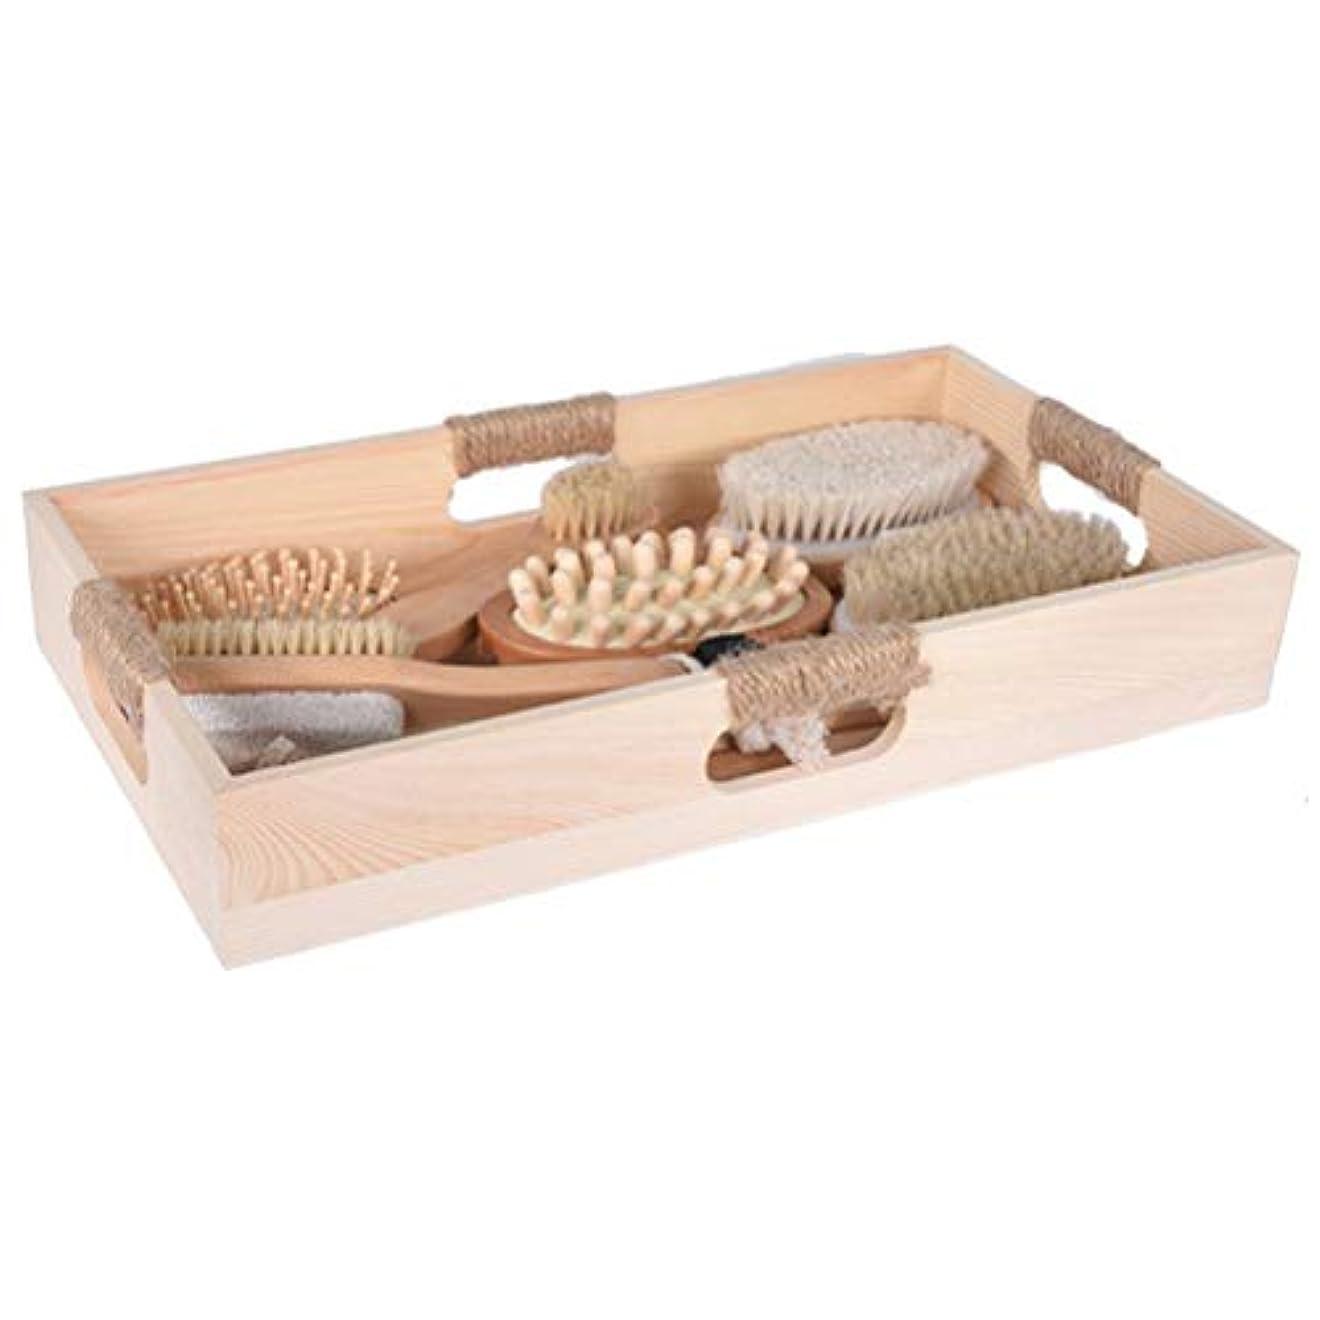 できれば混乱予見するHealifty 6ピース入浴ボディブラシマッサージブラシ木製ハンドルセルライトマッサージフットファイルブラシヘアマッサージ櫛で収納トレイ